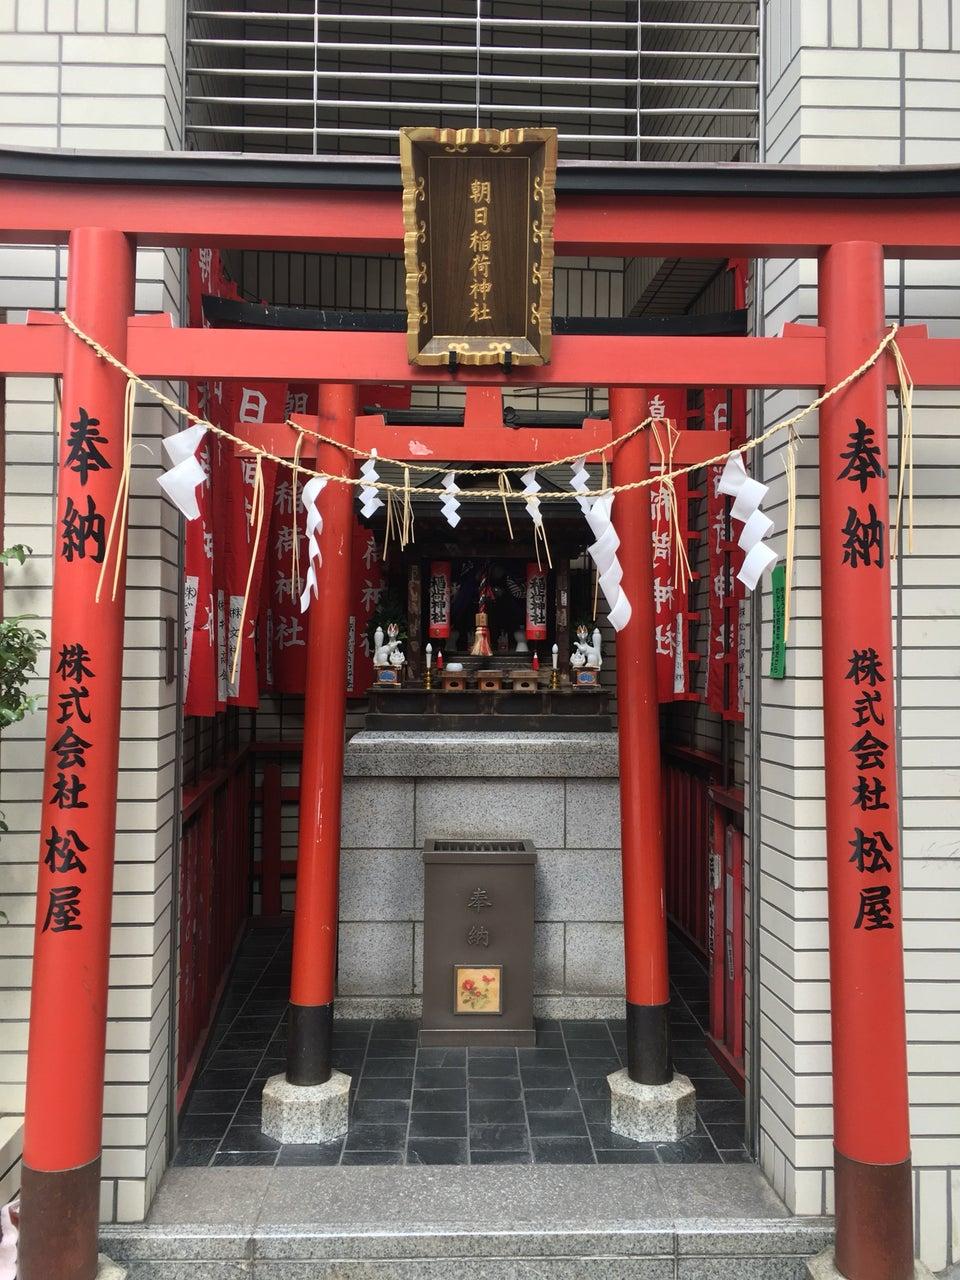 銀座朝日稻荷神社